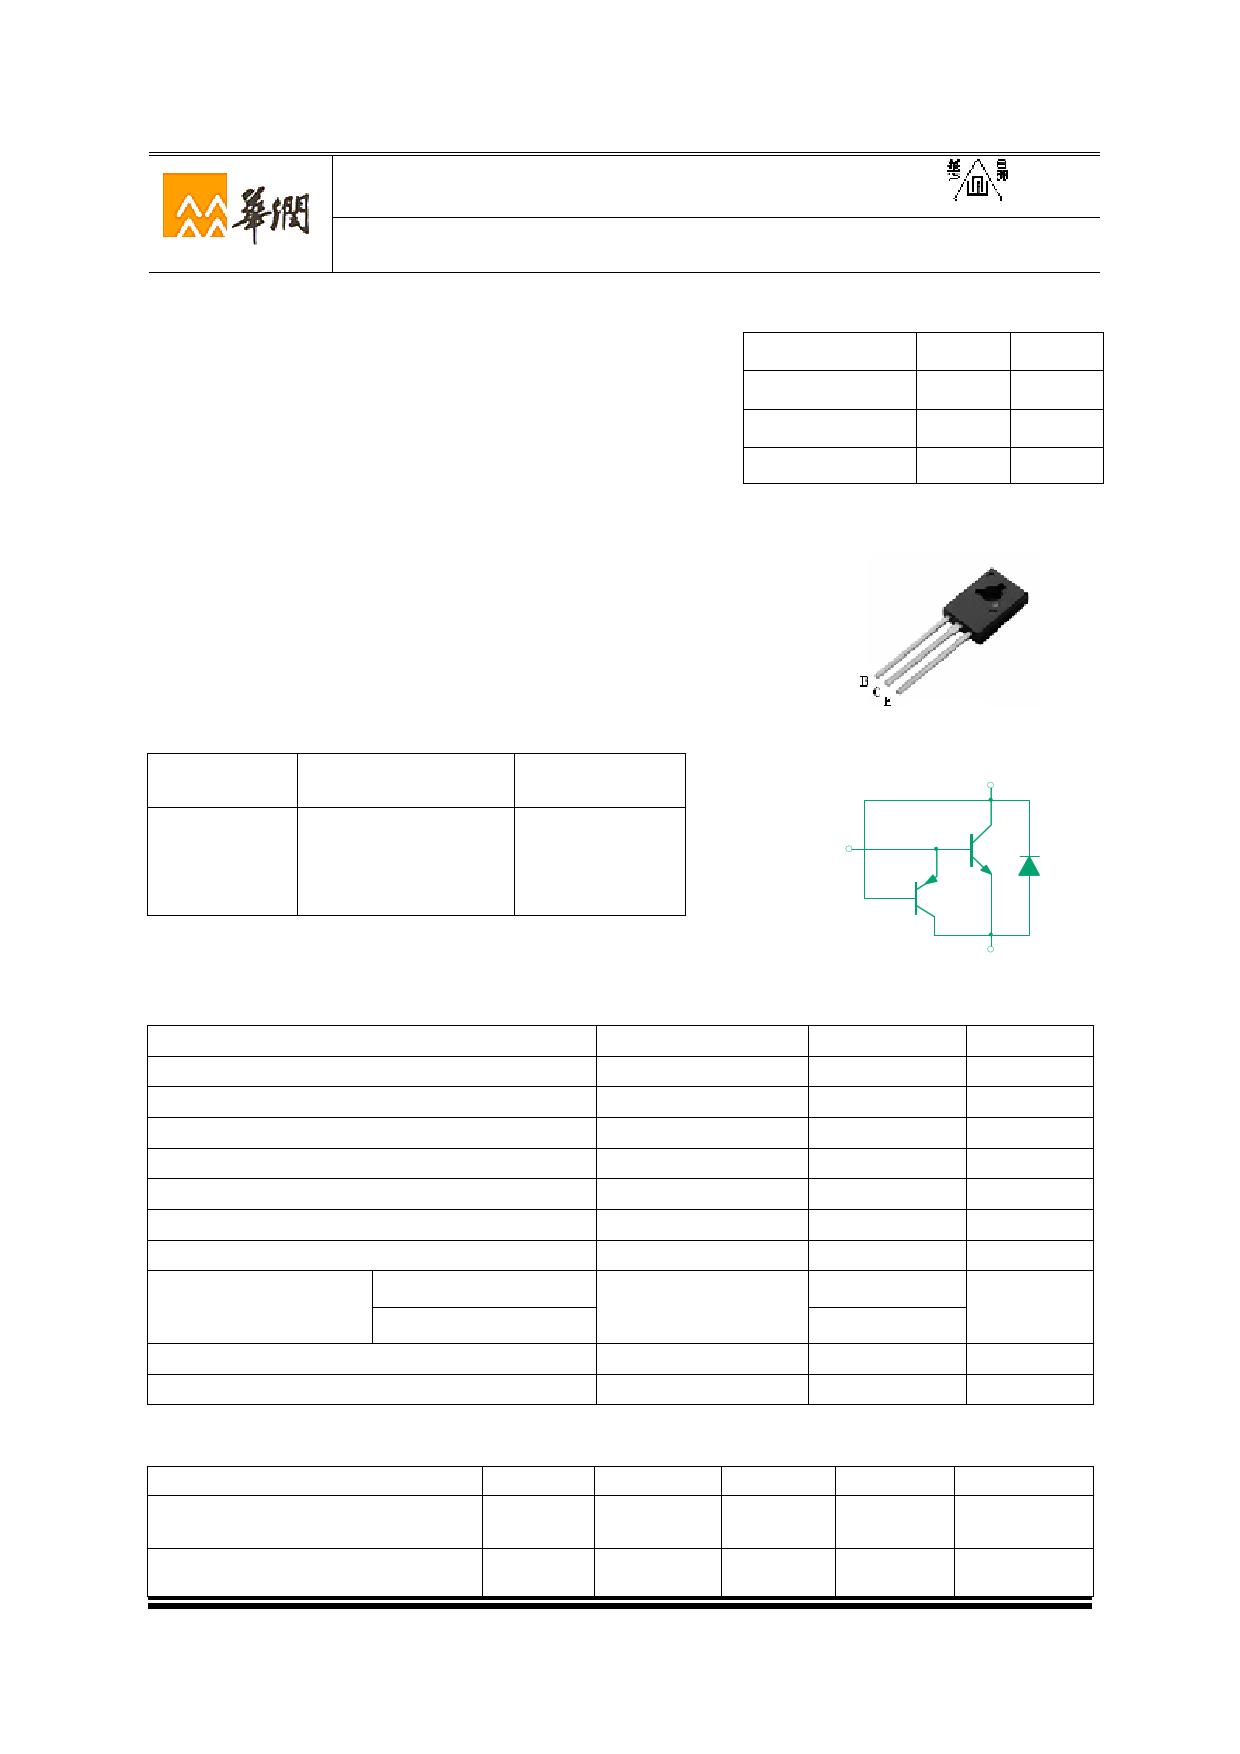 3DD4513A6D Datasheet, 3DD4513A6D PDF,ピン配置, 機能